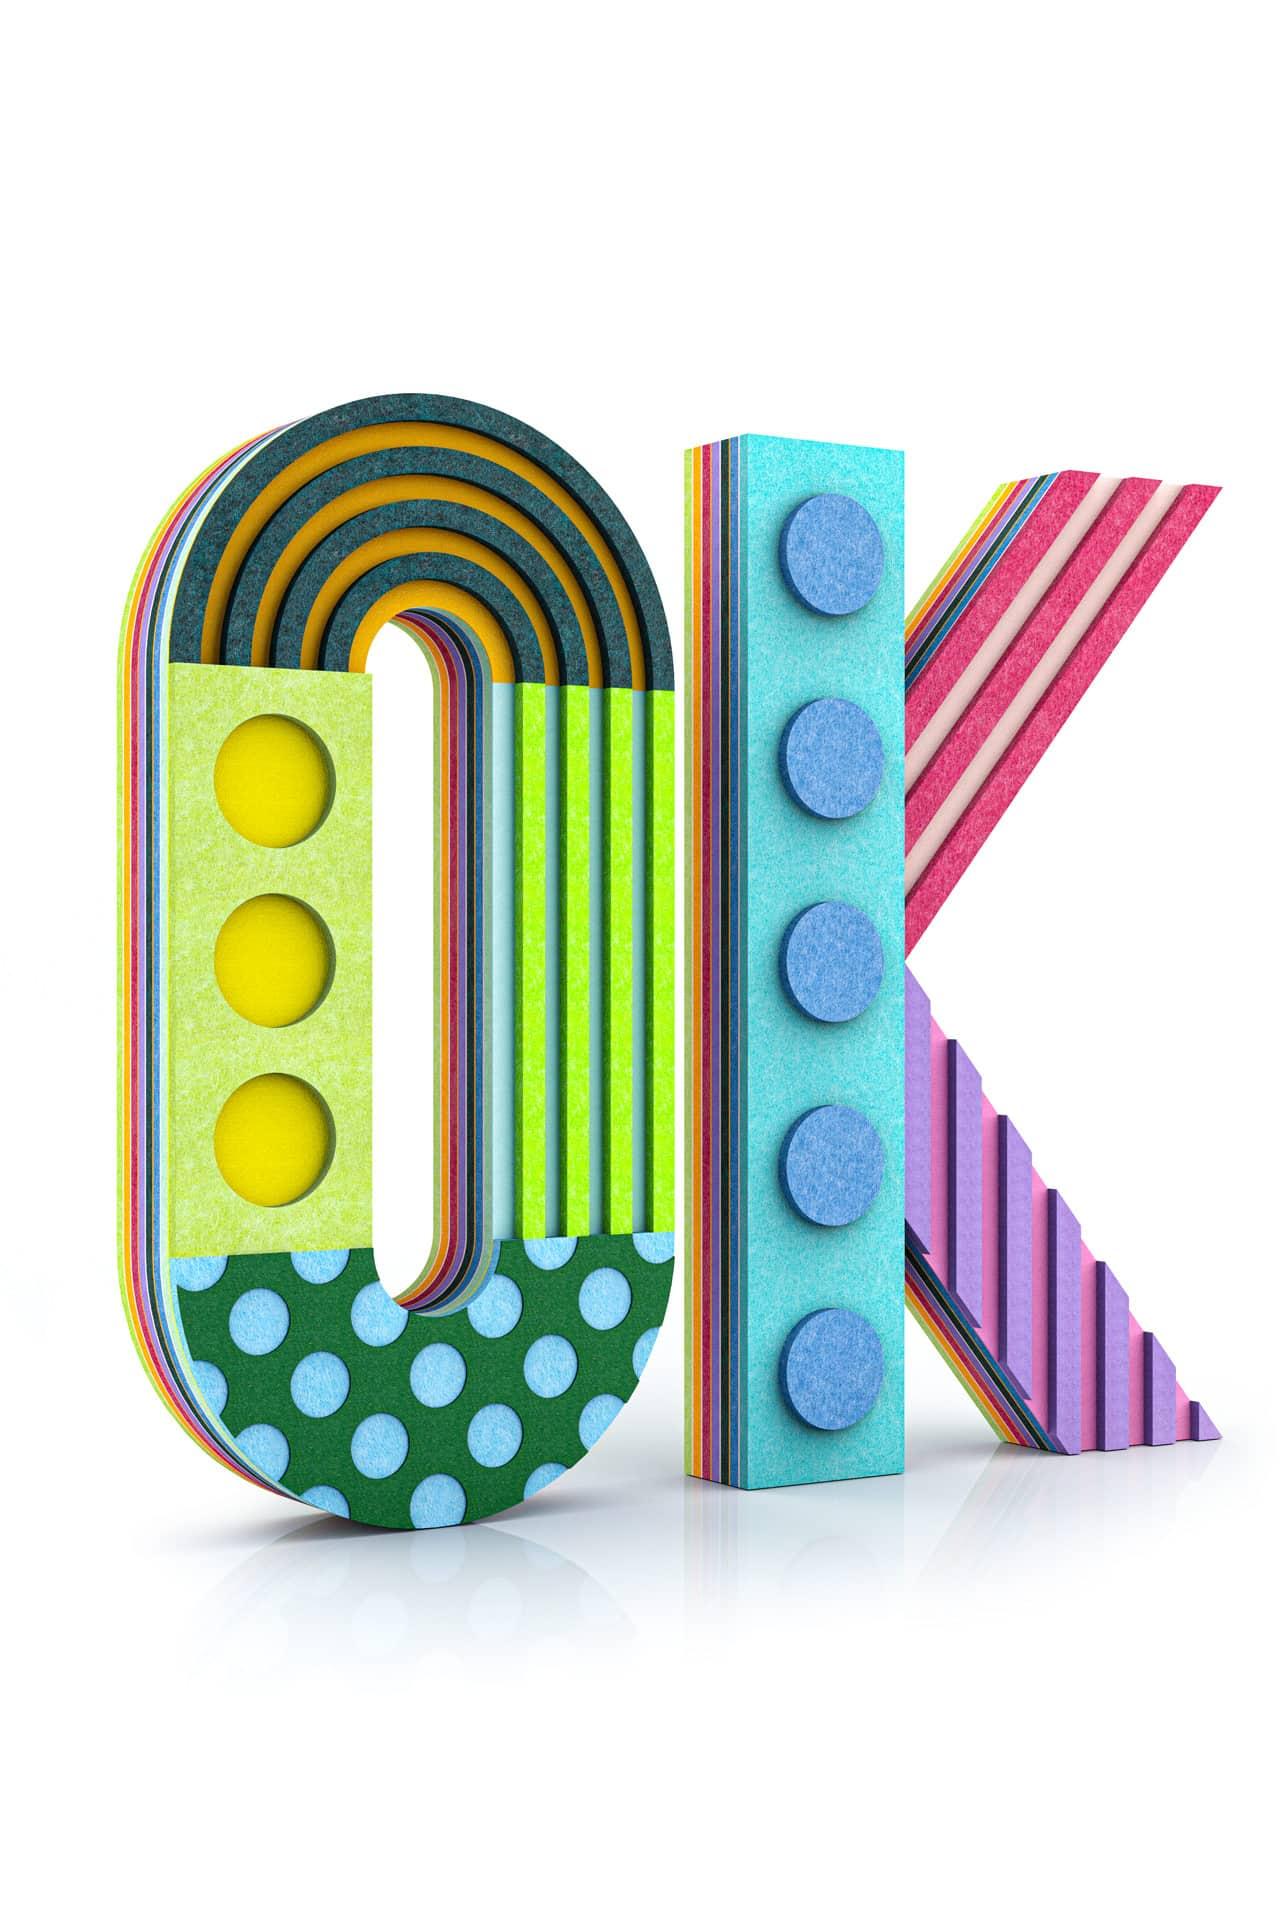 Wielowarstwowy napis 3d wykonany z paneli dekoracyjnych dźwiękochłonnych EcoPET w połączeniu z filcem EcoFelt